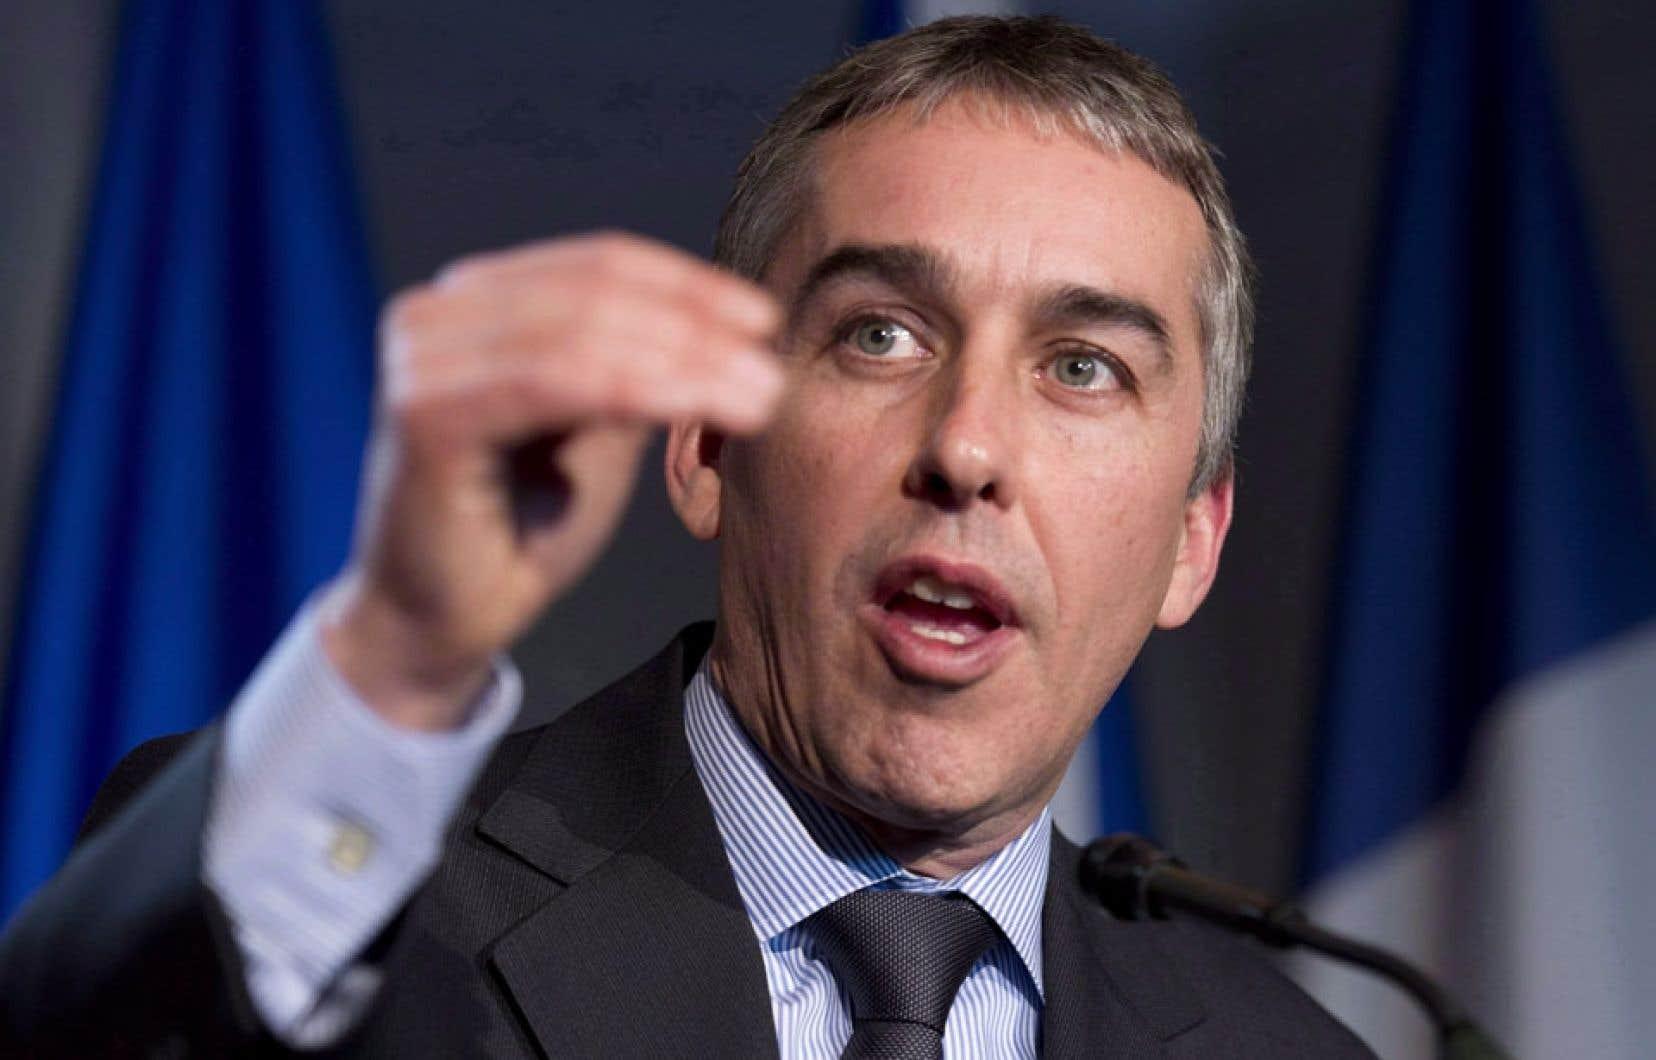 Le ministre québécois des Finances, Nicolas Marceau, voit dans le budget Flaherty une illustration du « fédéralisme prédateur ».